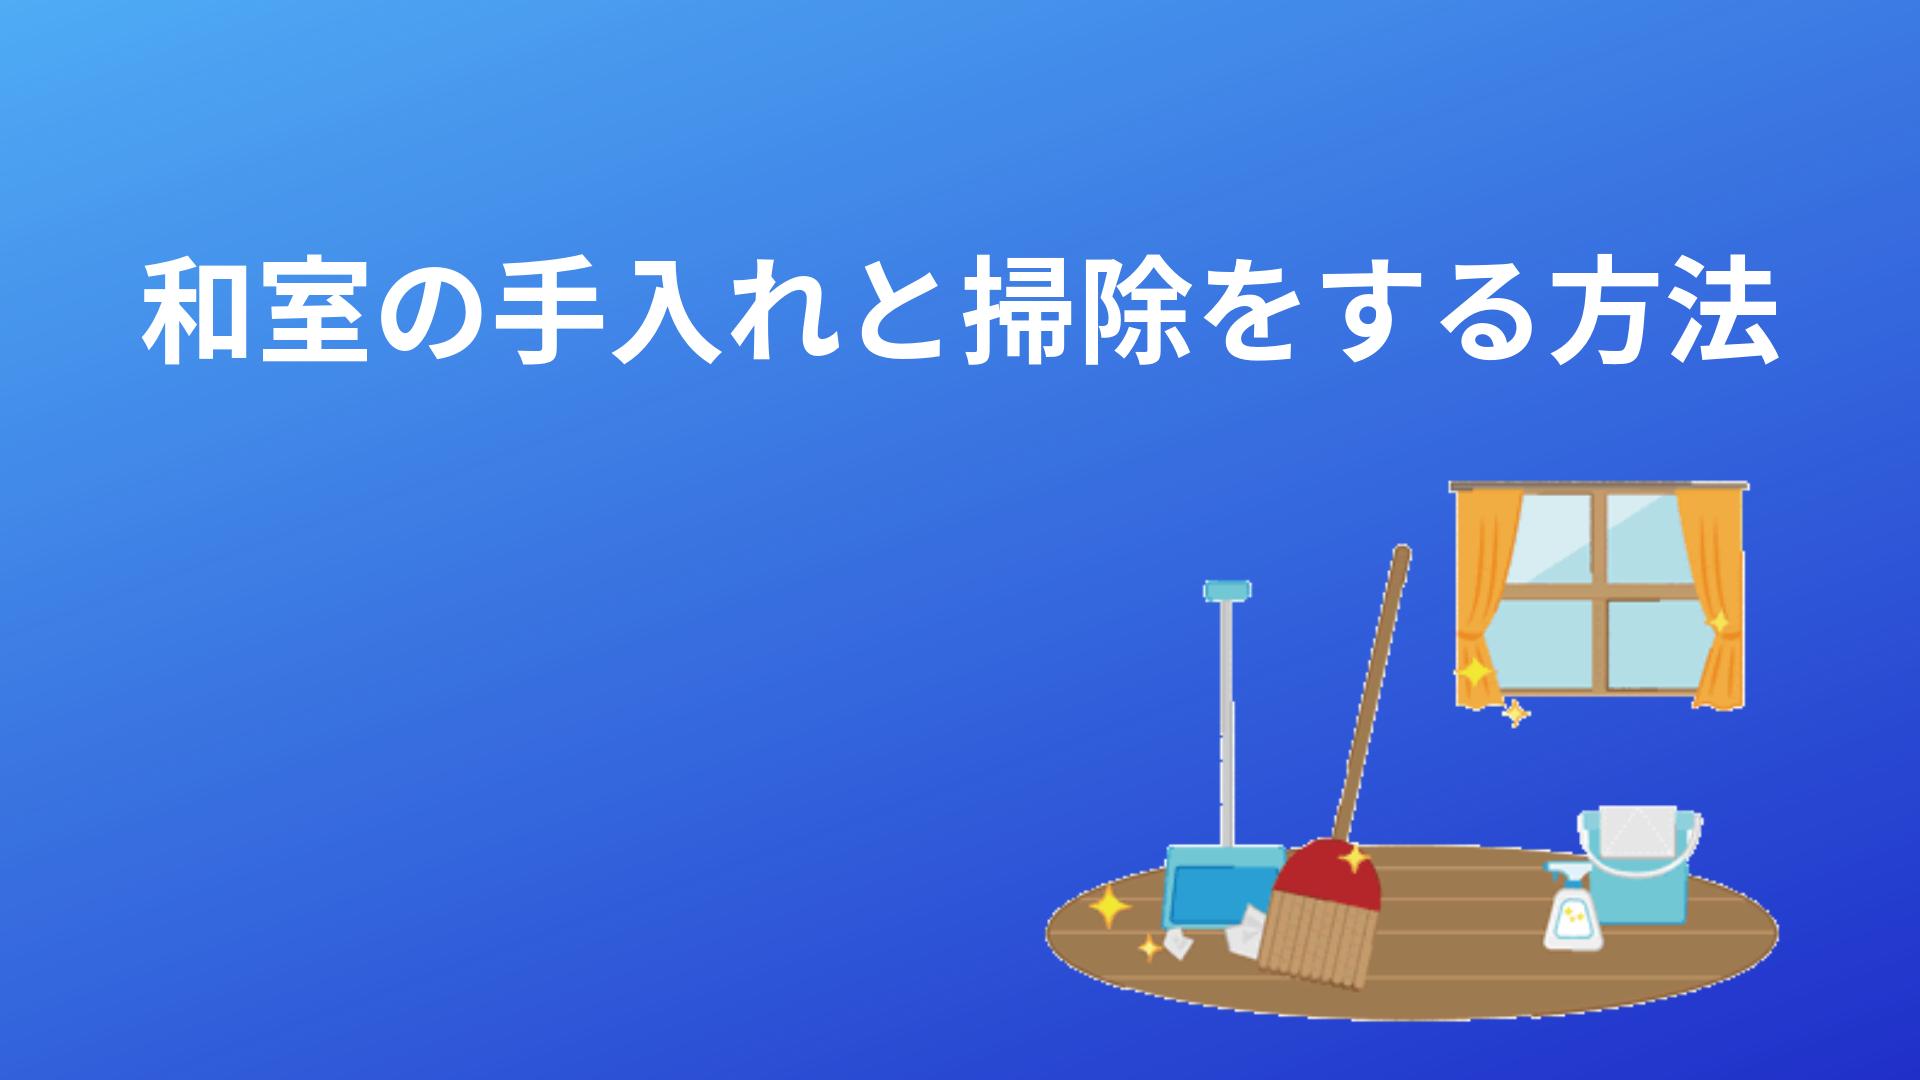 和室の手入れと掃除をする方法